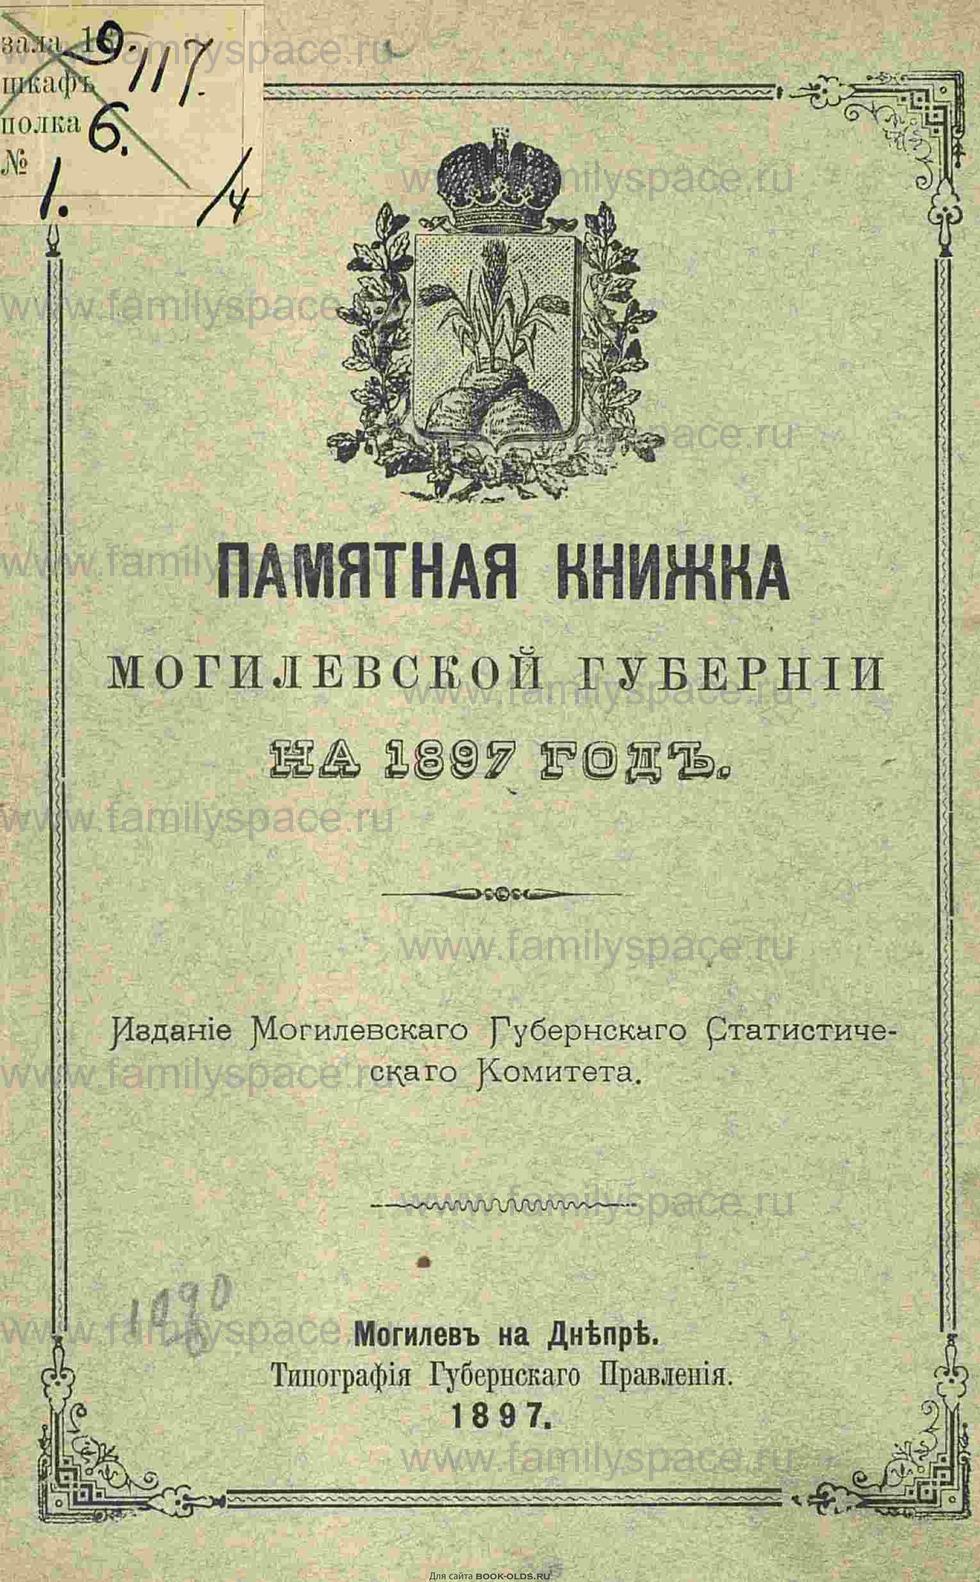 Поиск по фамилии - Памятная книжка Могилёвской губернии на 1897 год, страница -3